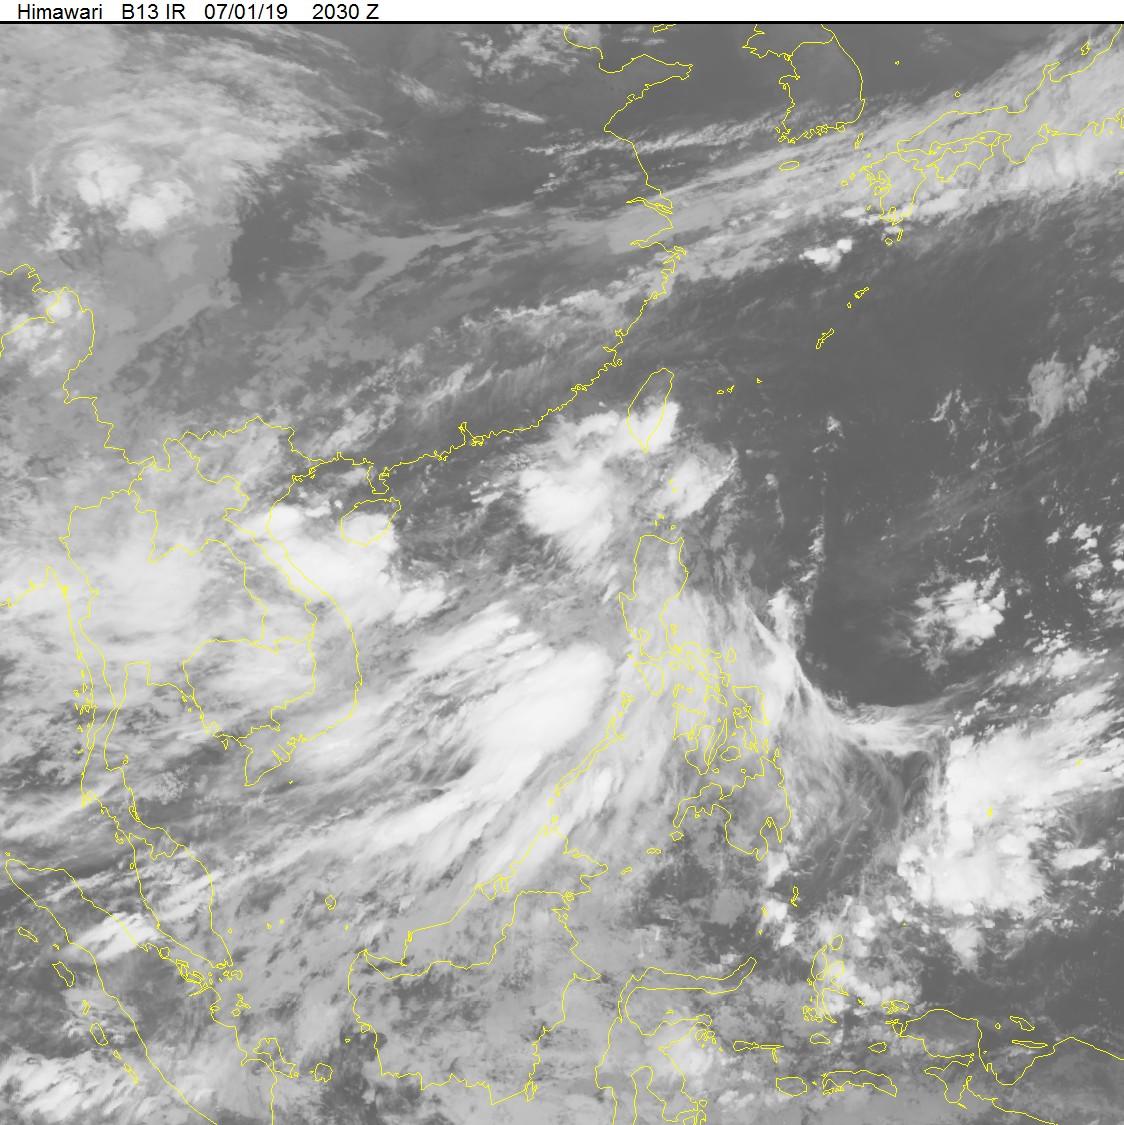 Áp thấp nhiệt đới khả năng mạnh lên thành bão giật cấp 11 đang hướng vào vịnh Bắc Bộ - Ảnh 2